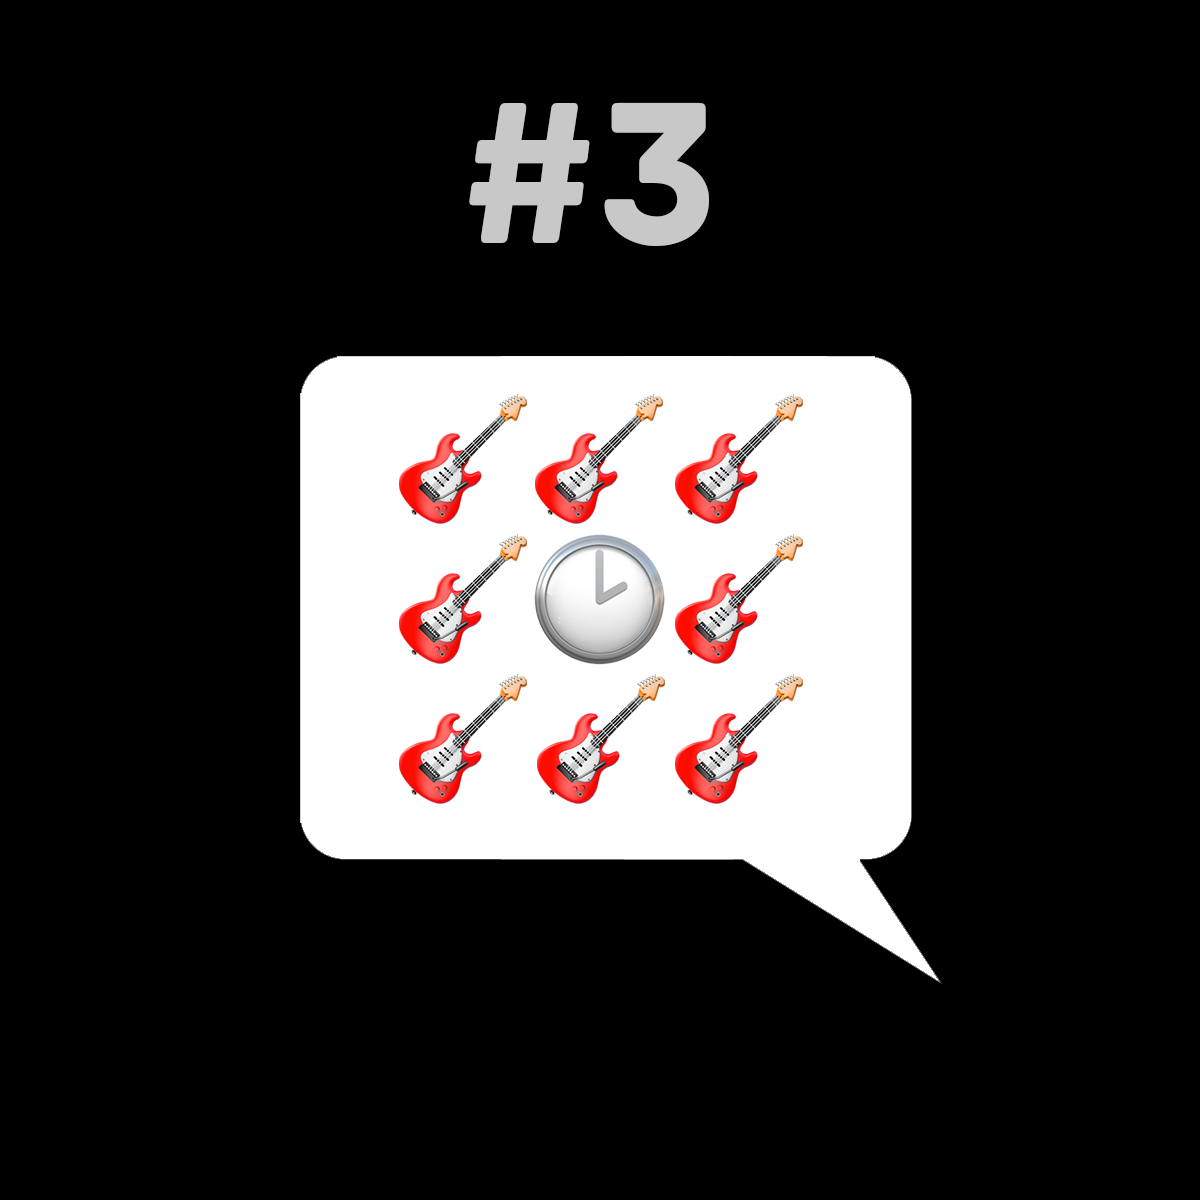 Songtitel in Emojis dargestellt emojibands_03